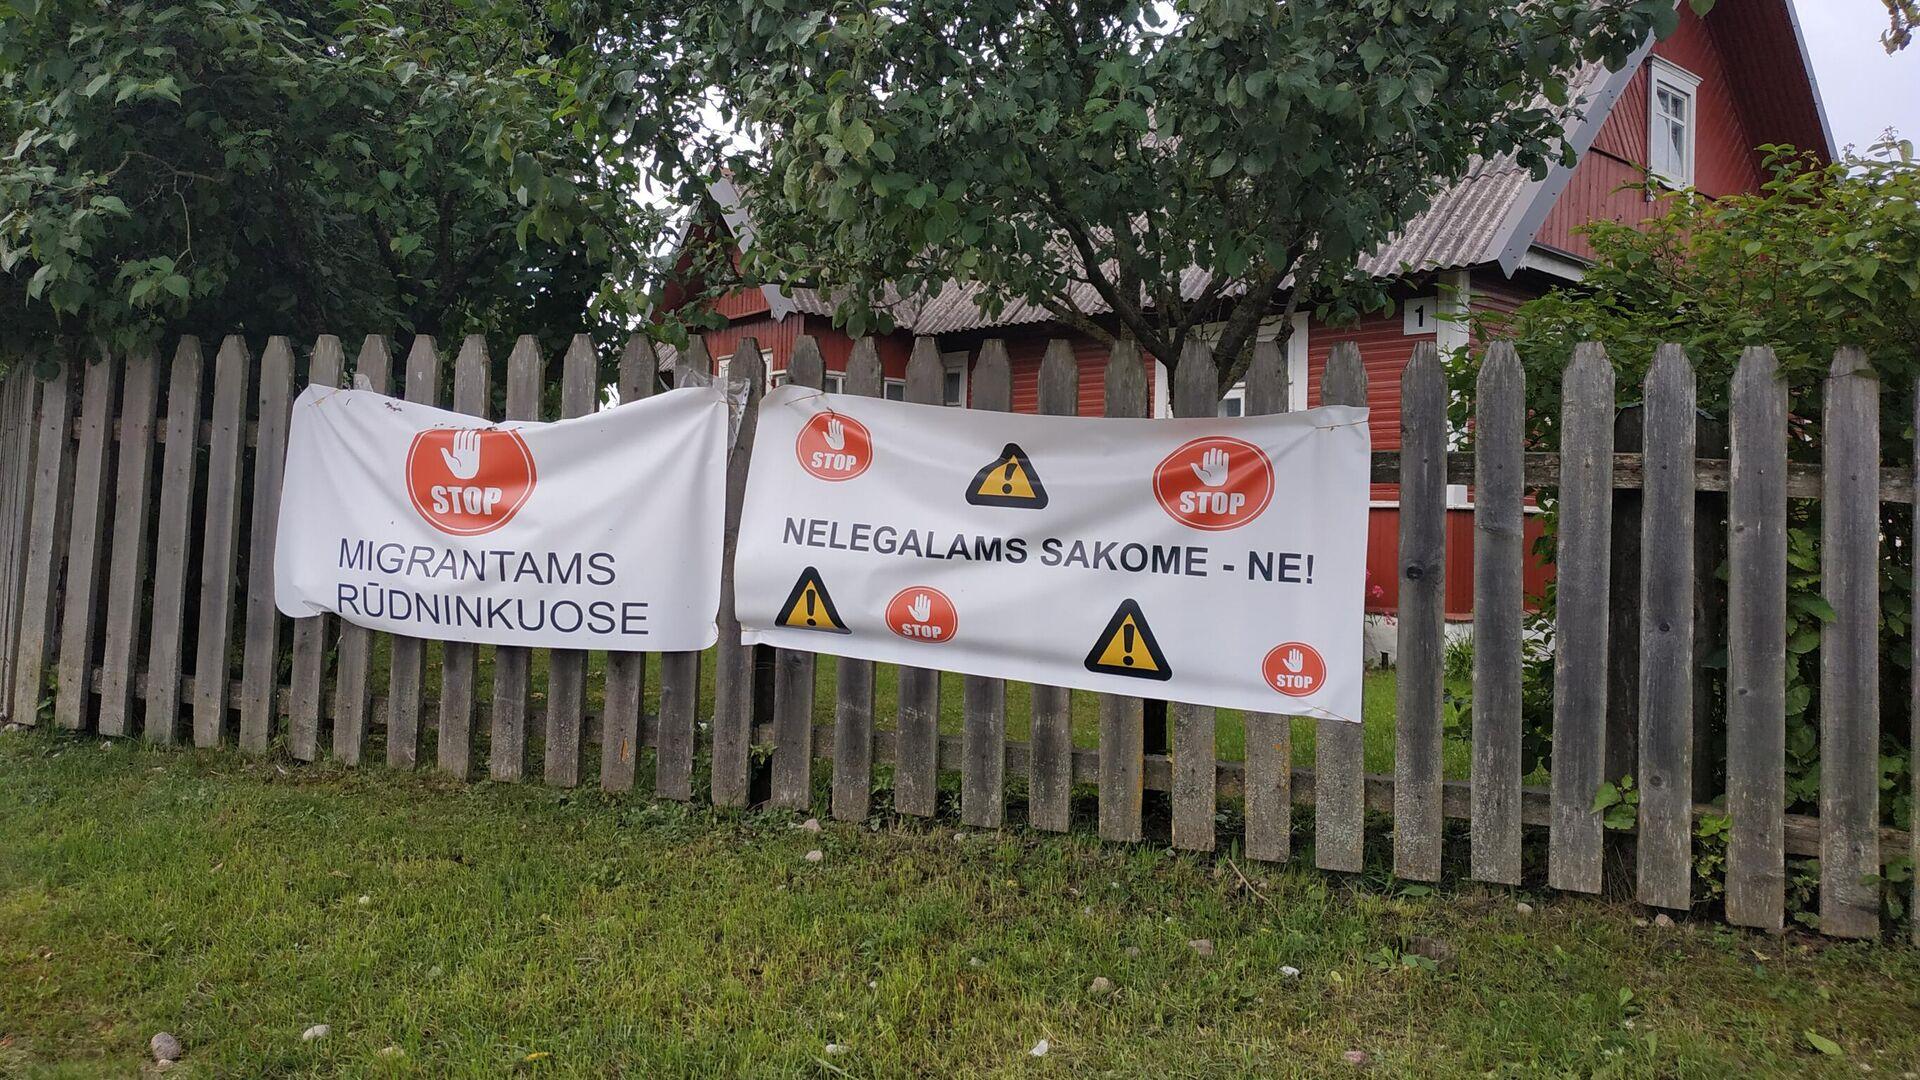 Плакаты на заборе в деревне Руднинкай в Шальчининкайском районе Литвы - Sputnik Латвия, 1920, 28.09.2021